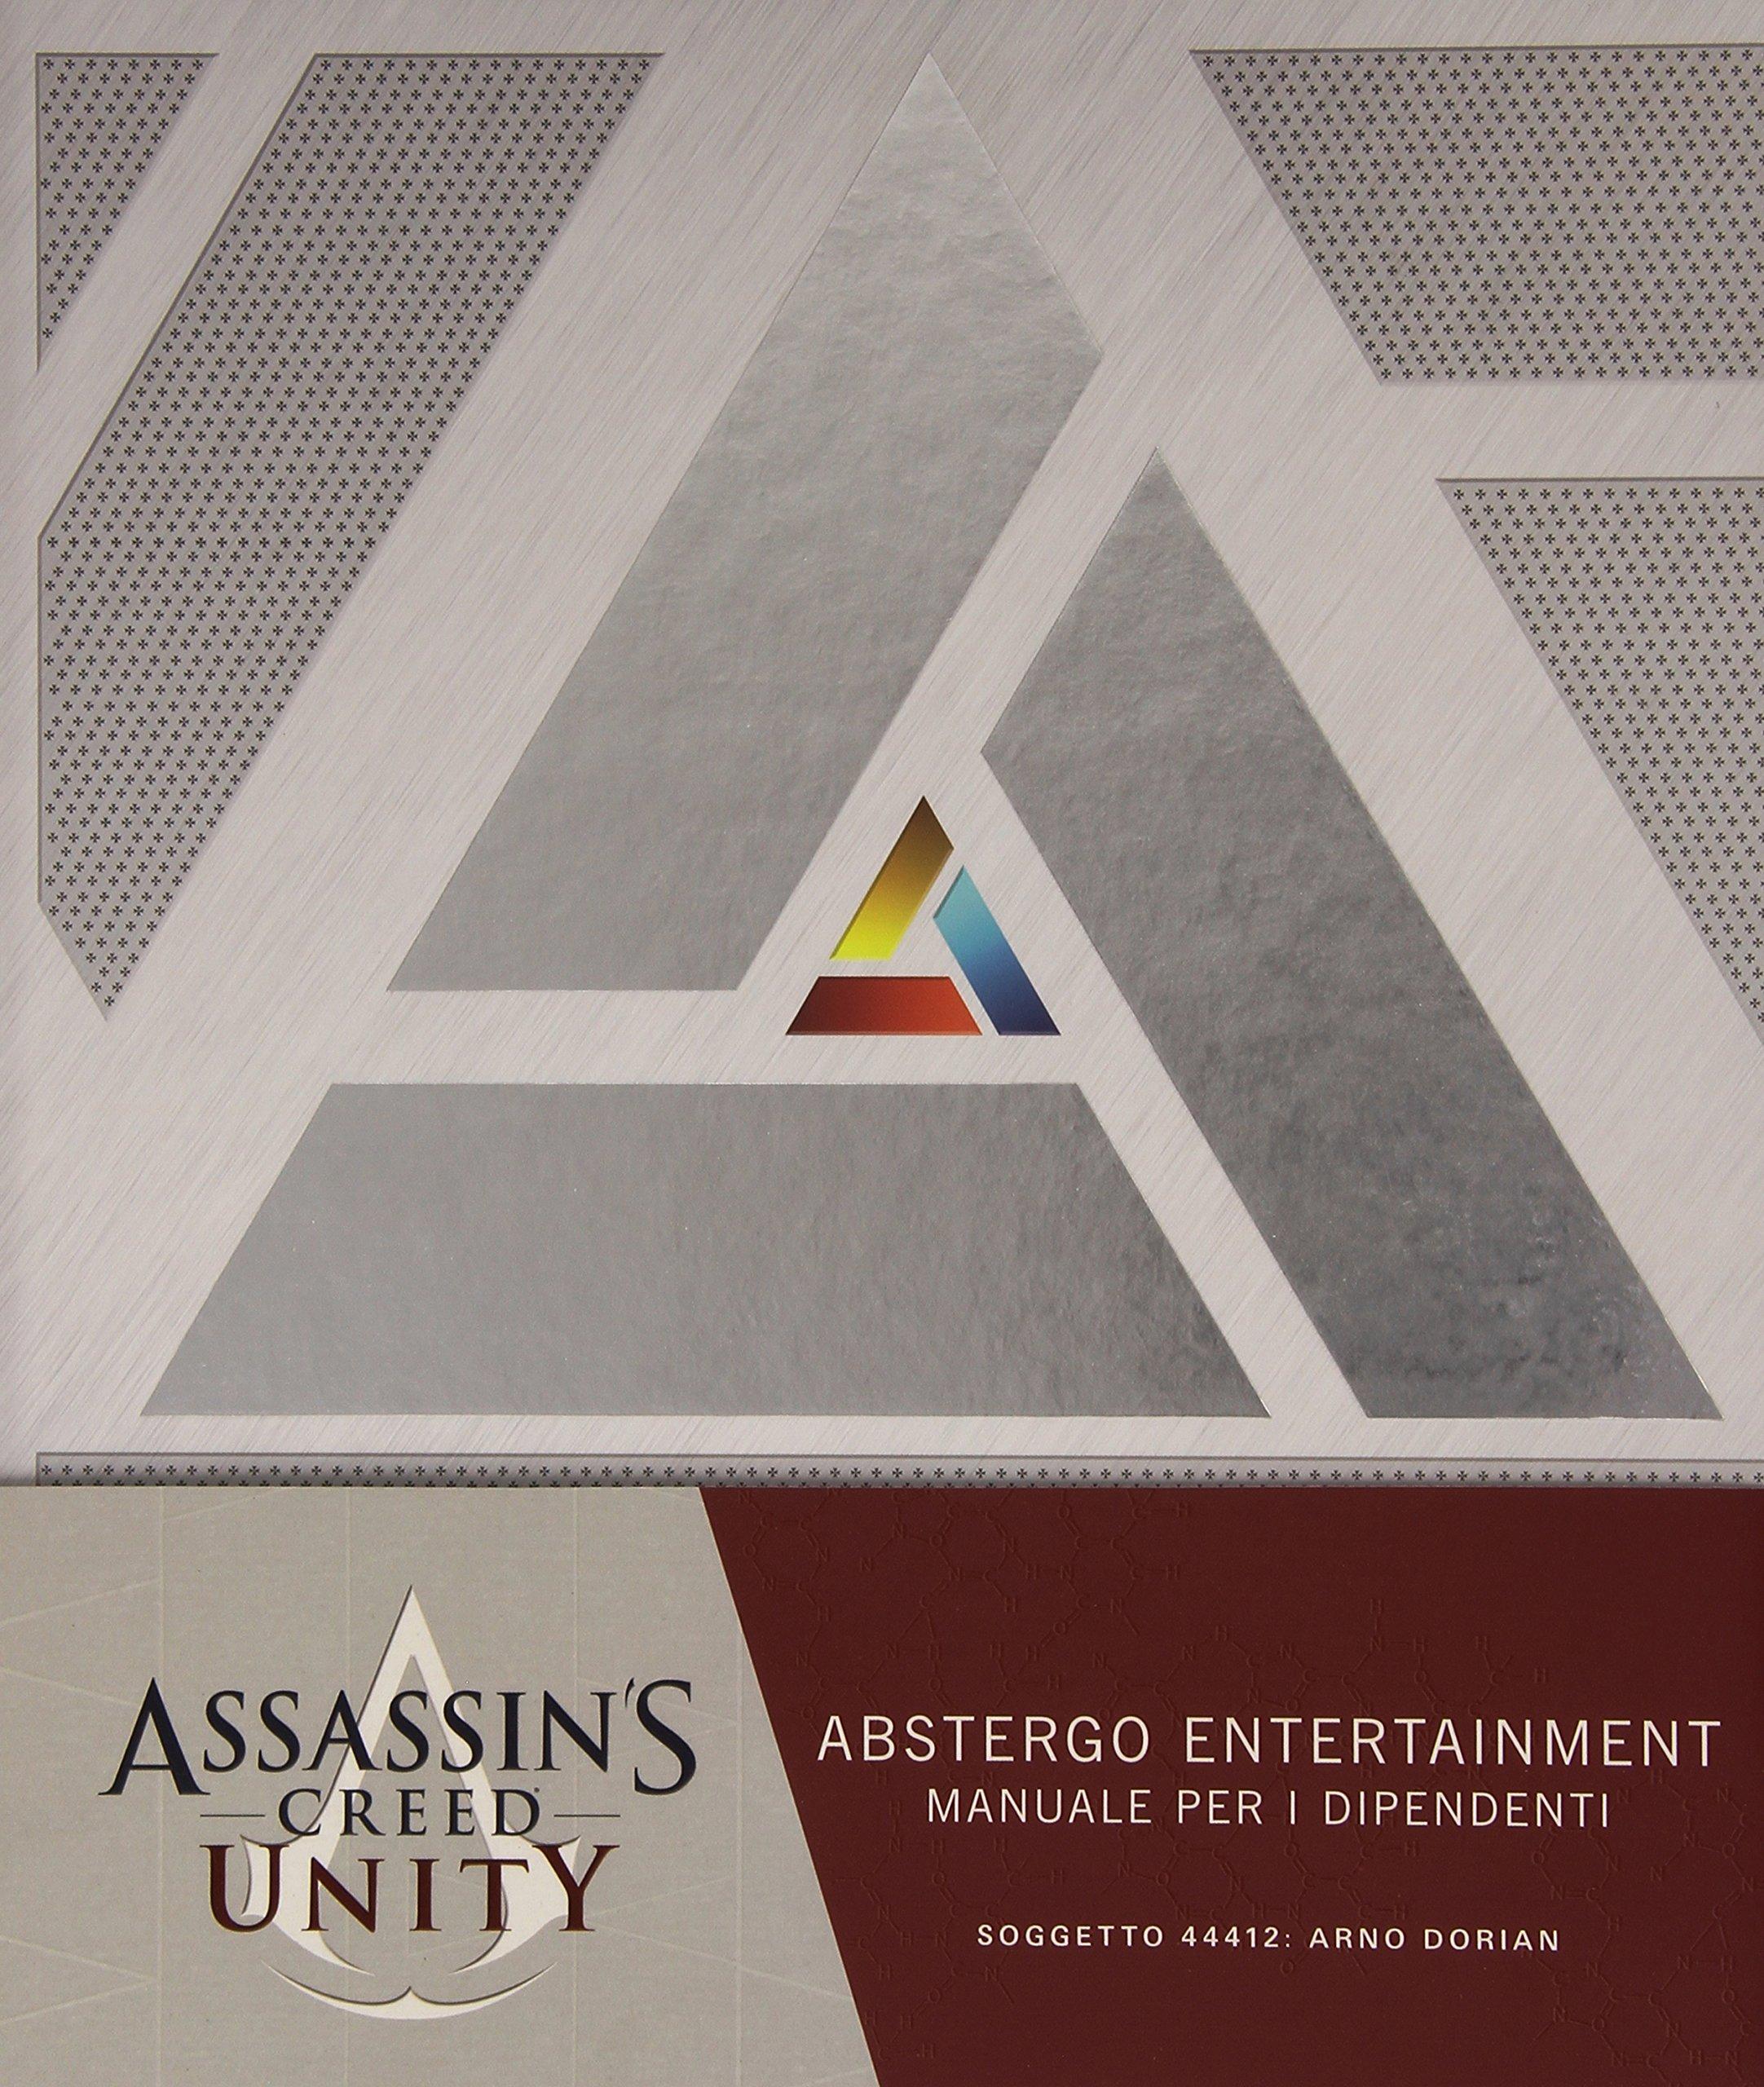 Assassin's Creed Unity. Abstergo Entertainment: manuale per i dipendenti Copertina rigida – 22 apr 2015 V. Vitali Panini Comics 8891209422 Altra non illustrata